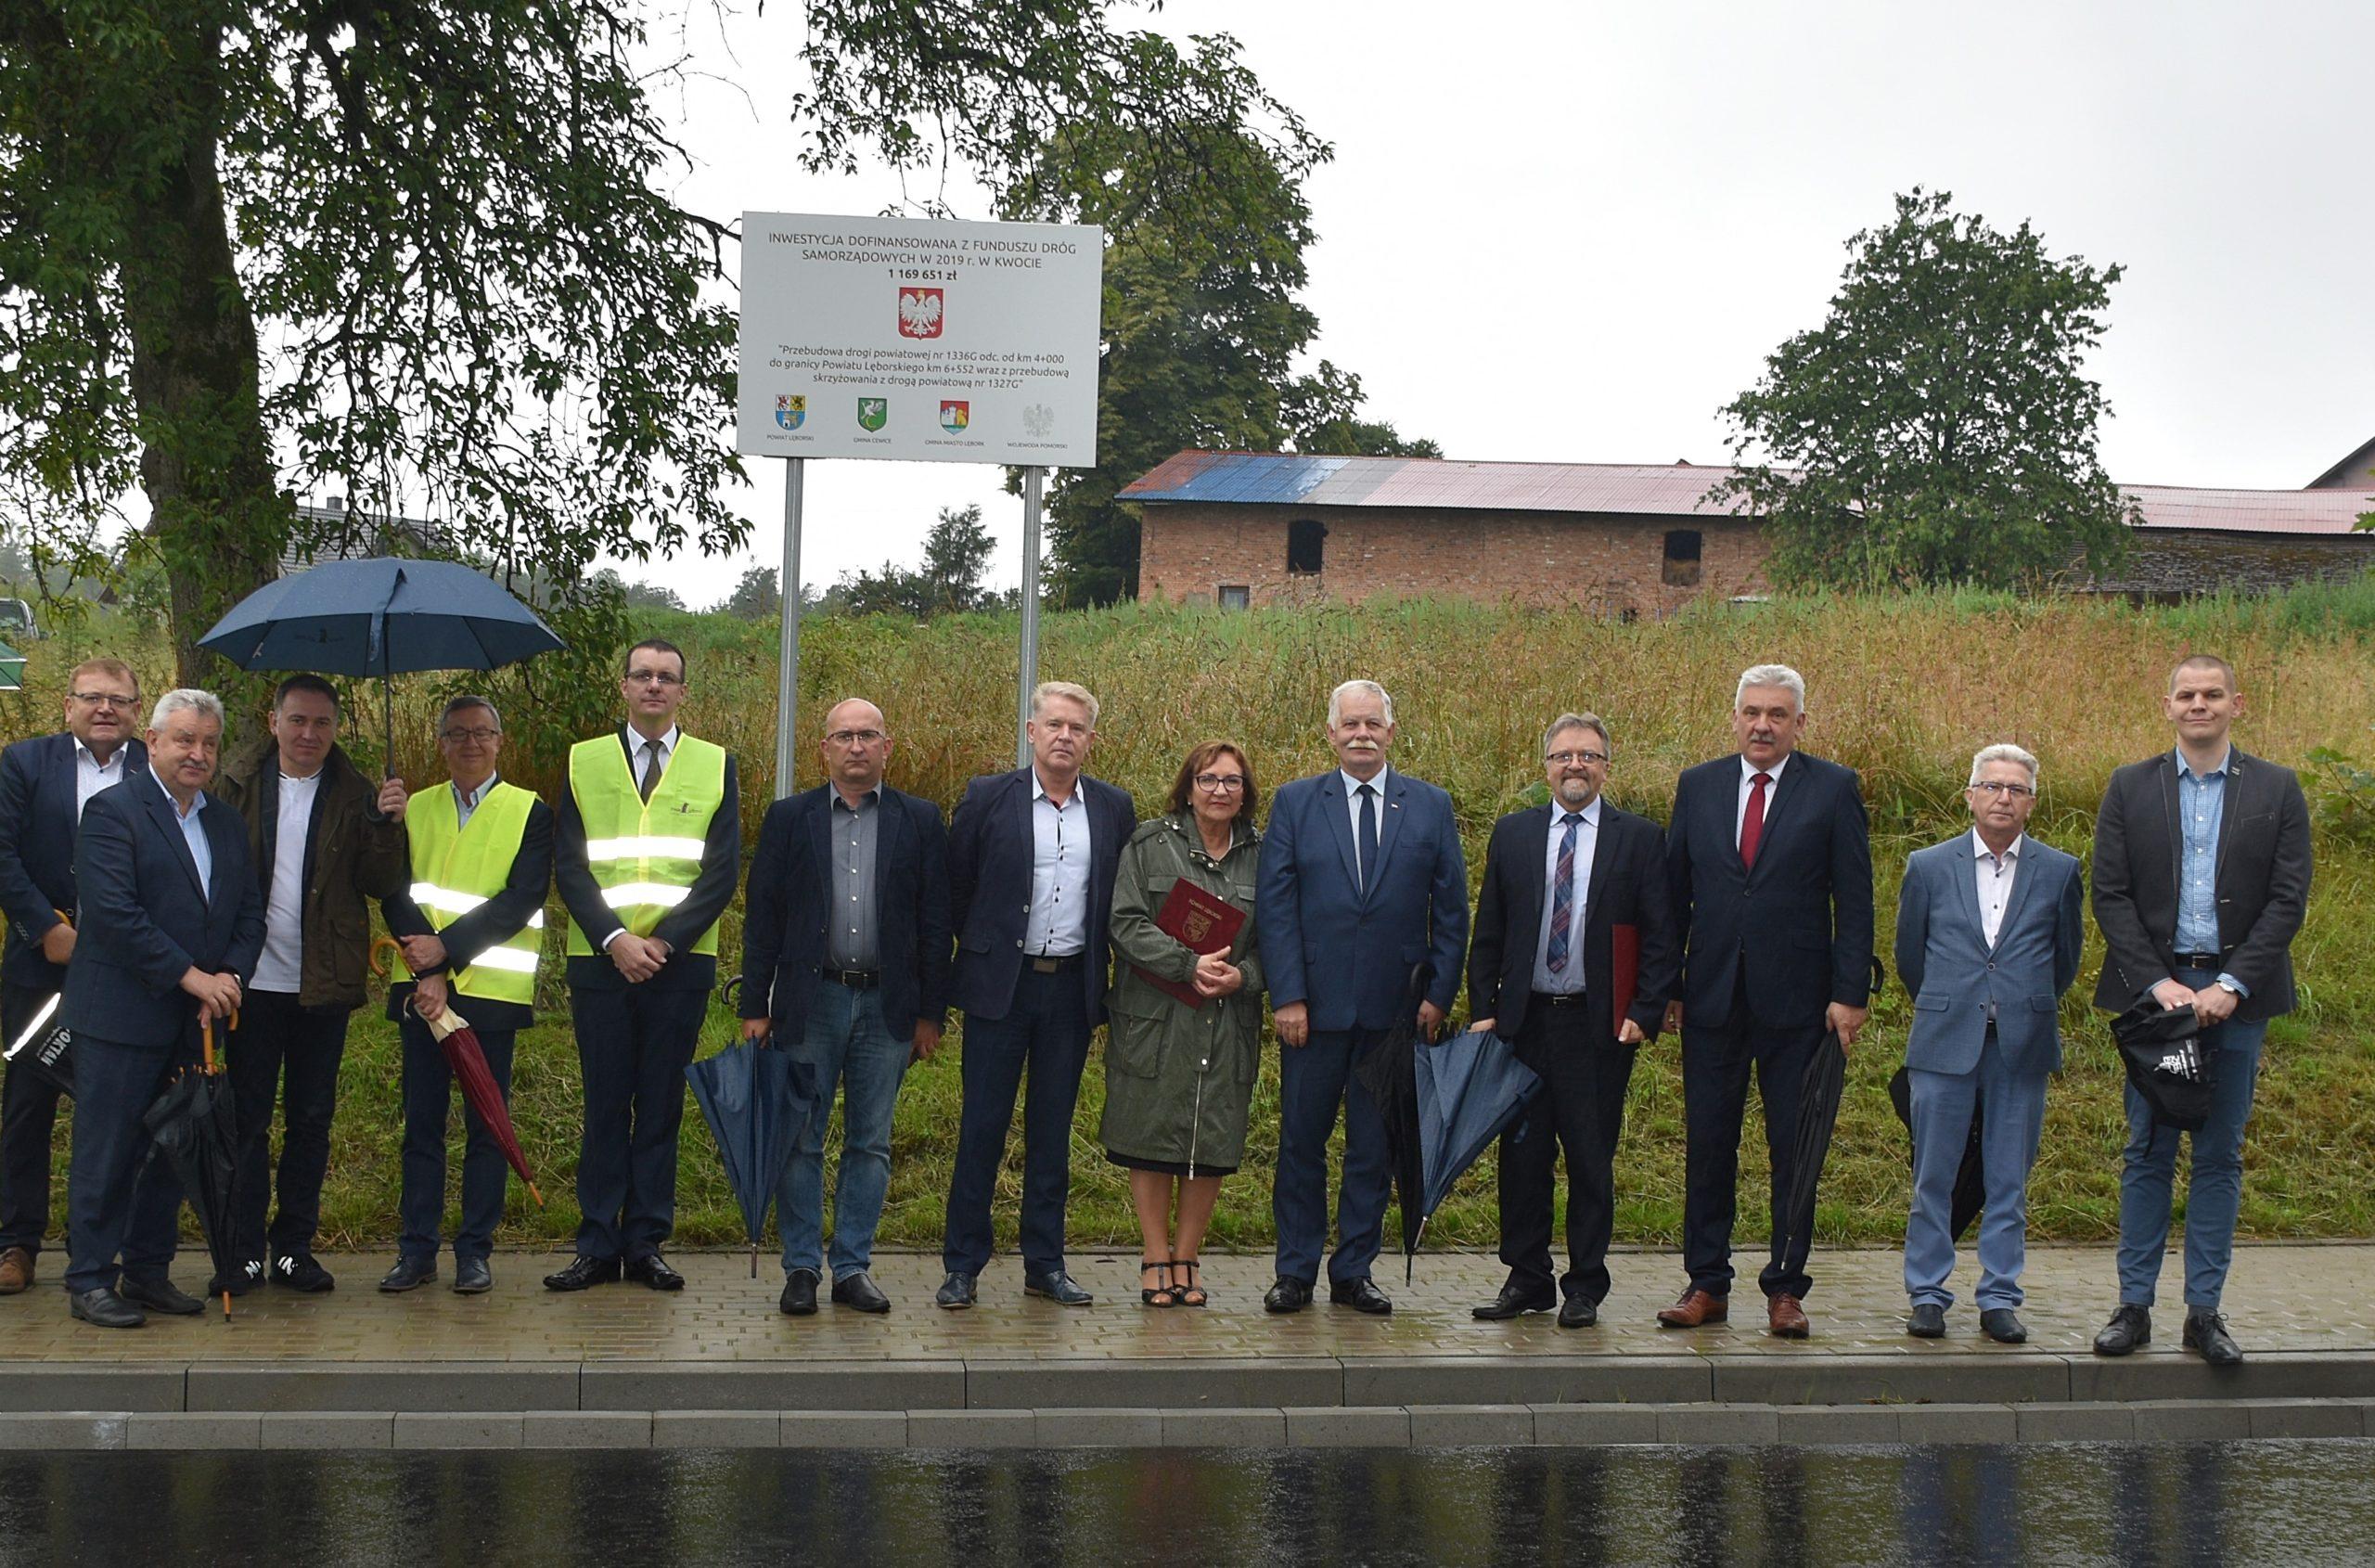 Oficjalny odbiór końcowy inwestycji współfinansowanej z Rządowego Funduszu Dróg Samorządowych- otwarcie drogi w Popowie. Przebudowa tej drogi ułatwi z pewnością dojazd do pracy czy szkoły. Wzrost poziomu bezpieczeństwa ruchu drogowego stanowi jedno z najważniejszych wyzwań w zakresie poprawy infrastruktury drogowej w Polsce.